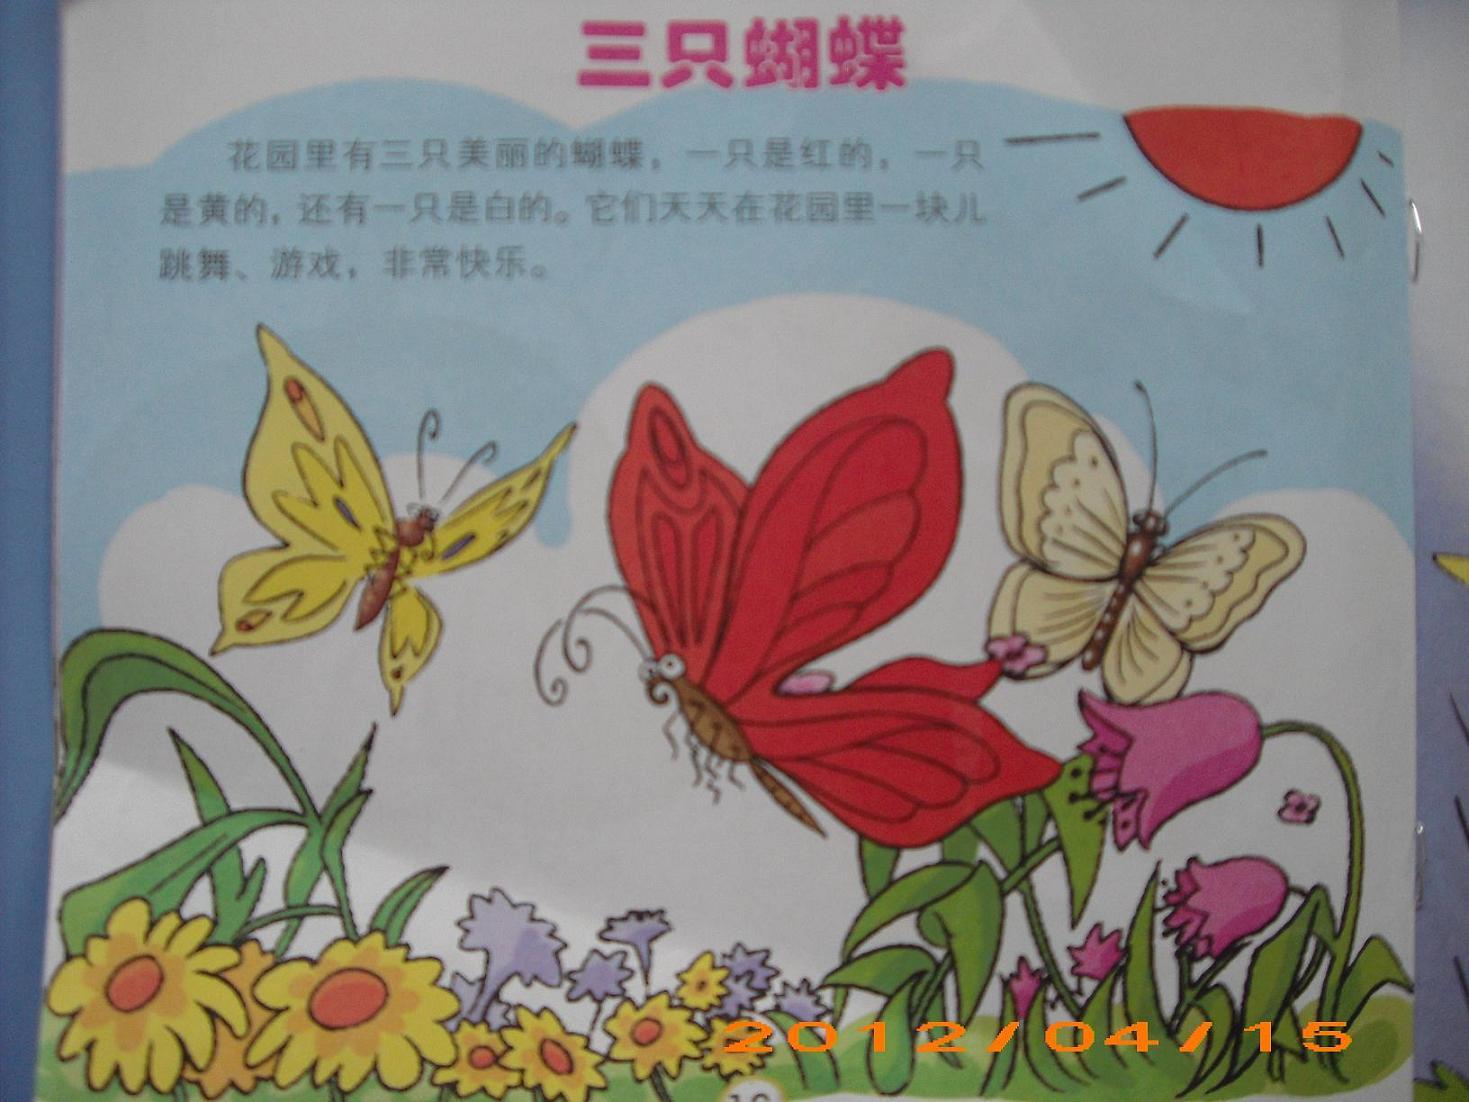 三只蝴蝶(故事)-嘉定丰庄幼儿园 嘉定丰庄幼儿园